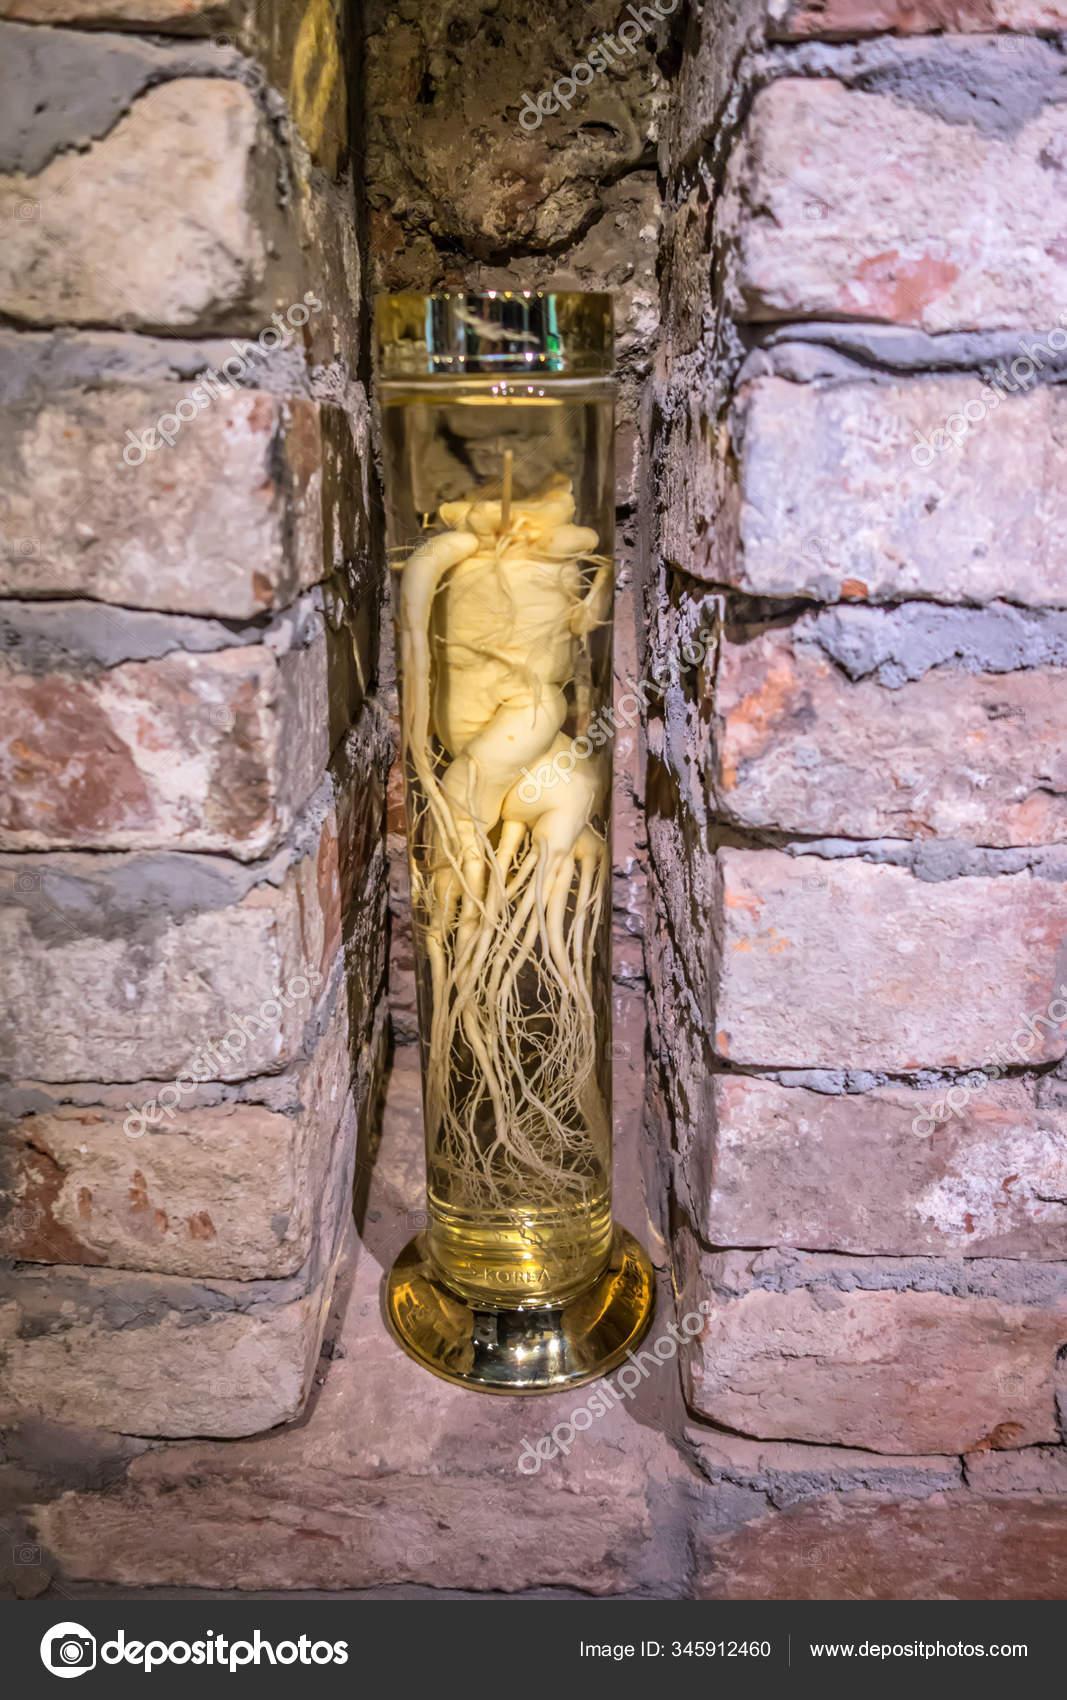 Винтажная стеклянная бутылка с целебной настойкой из корня женьшеня